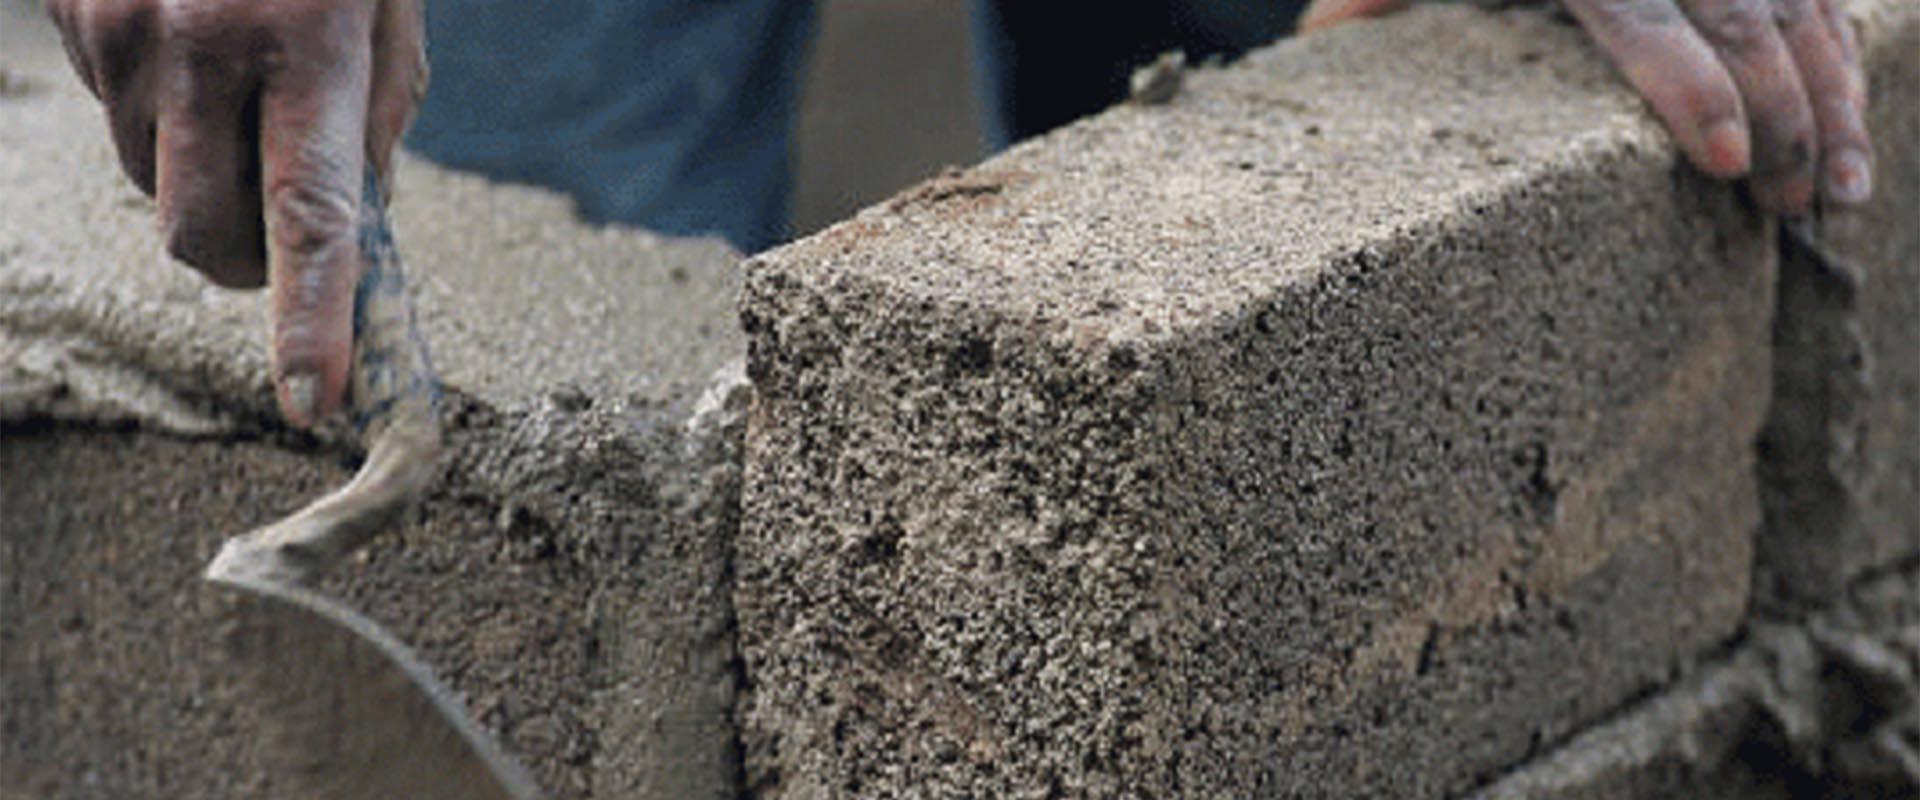 مصالح شن و ماسه در ساختمان سازی